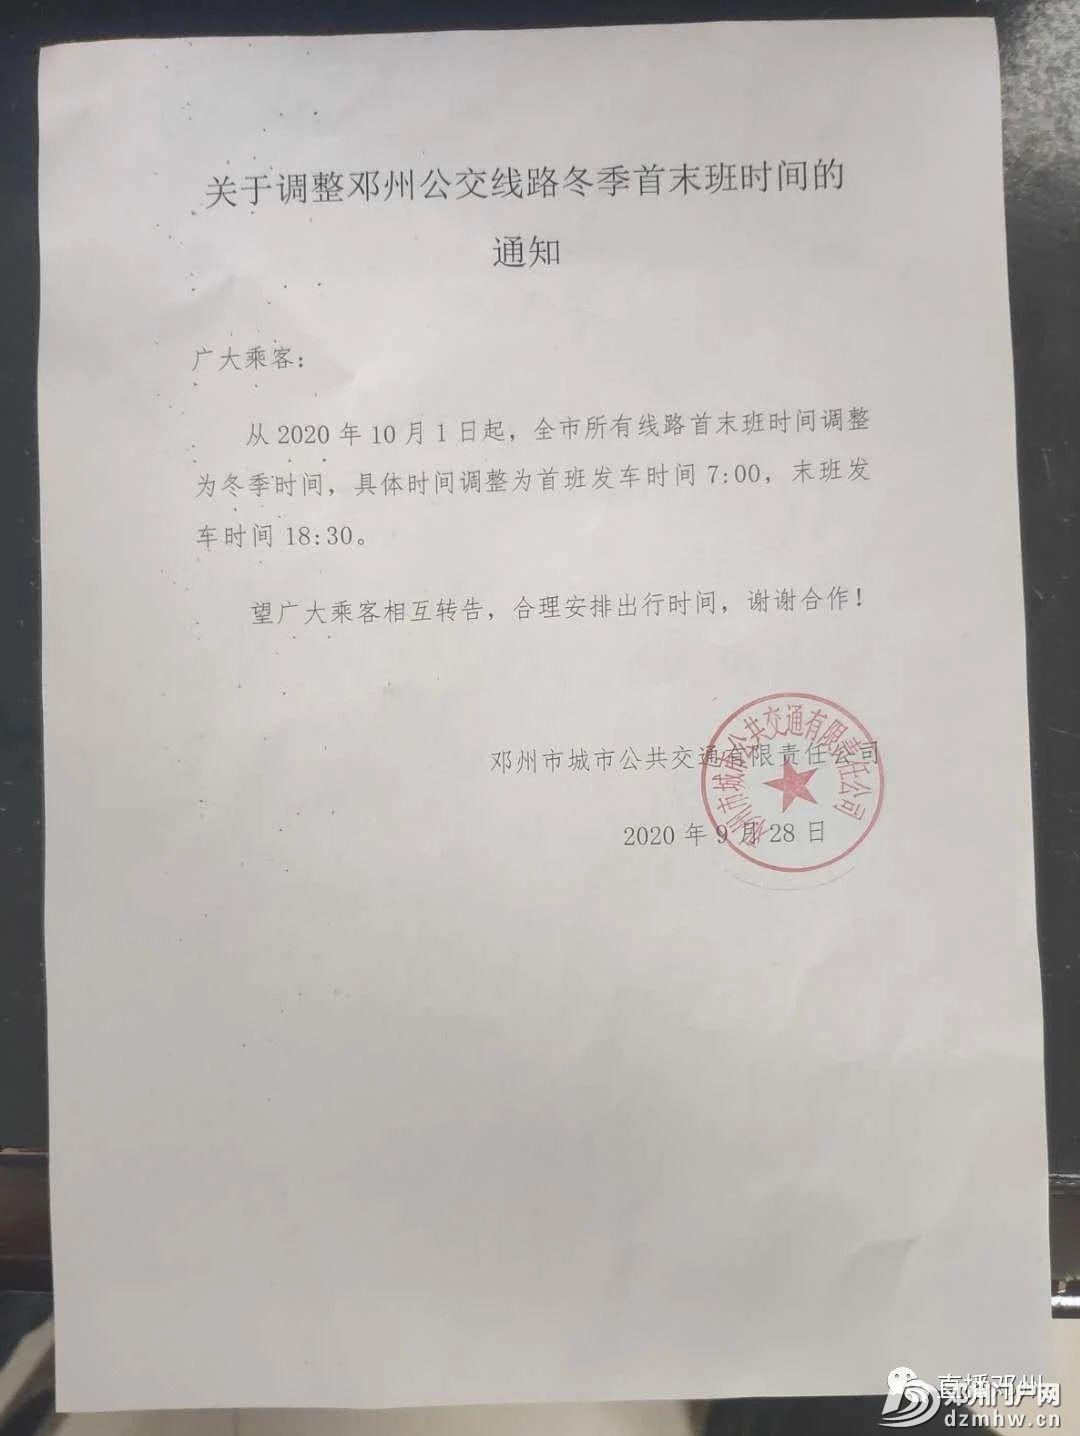 关于调整邓州公交线路冬季首末班时间的通知 - 邓州门户网|邓州网 - d2ca6fa233ed65bd121e6826c55161f5.jpg